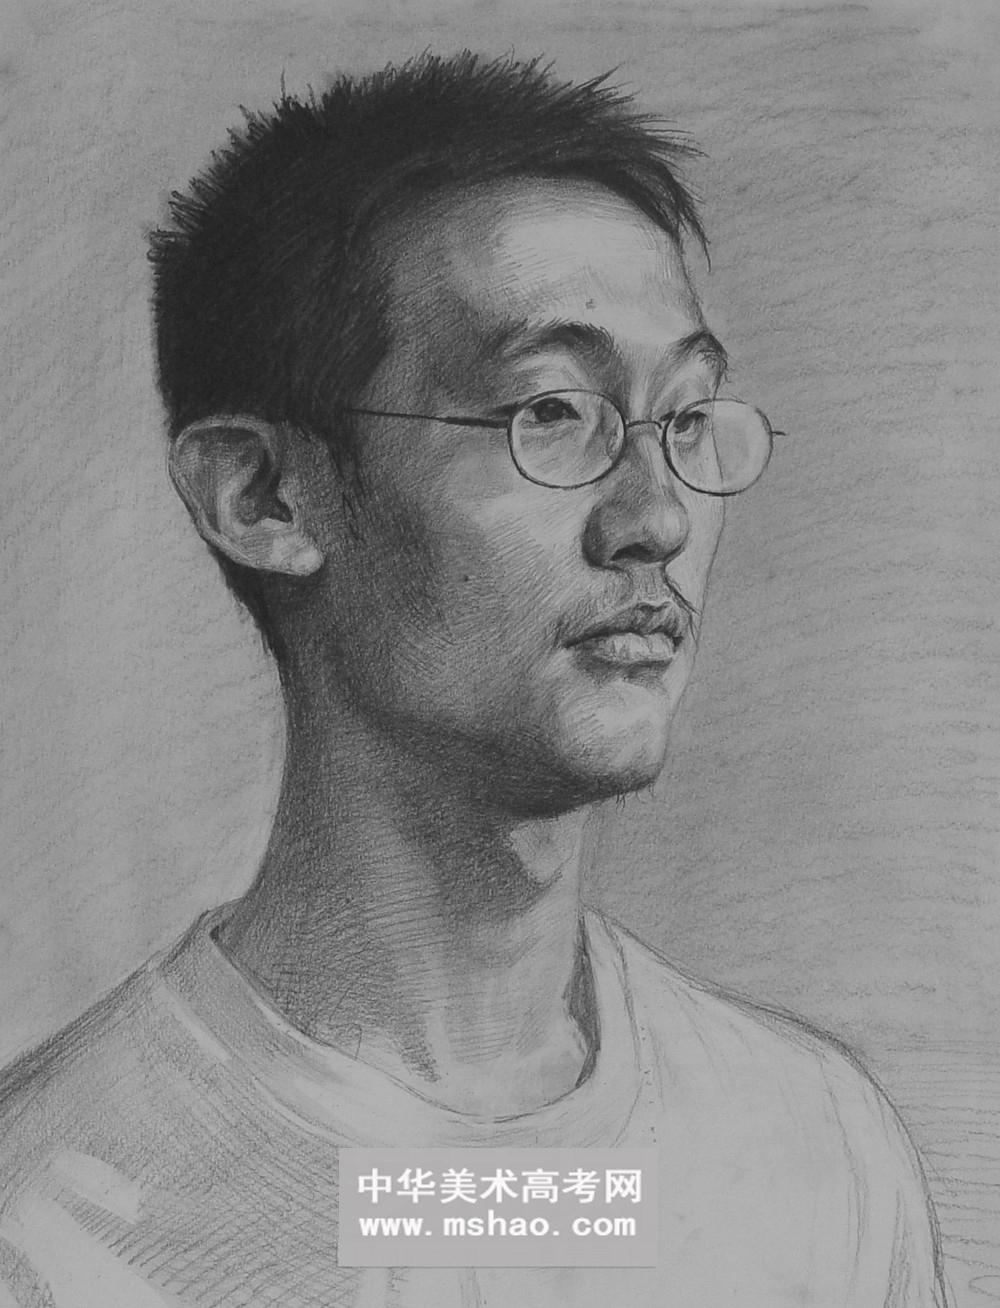 四分之三短发男青年素描头像6 头像 2014年美术高考网